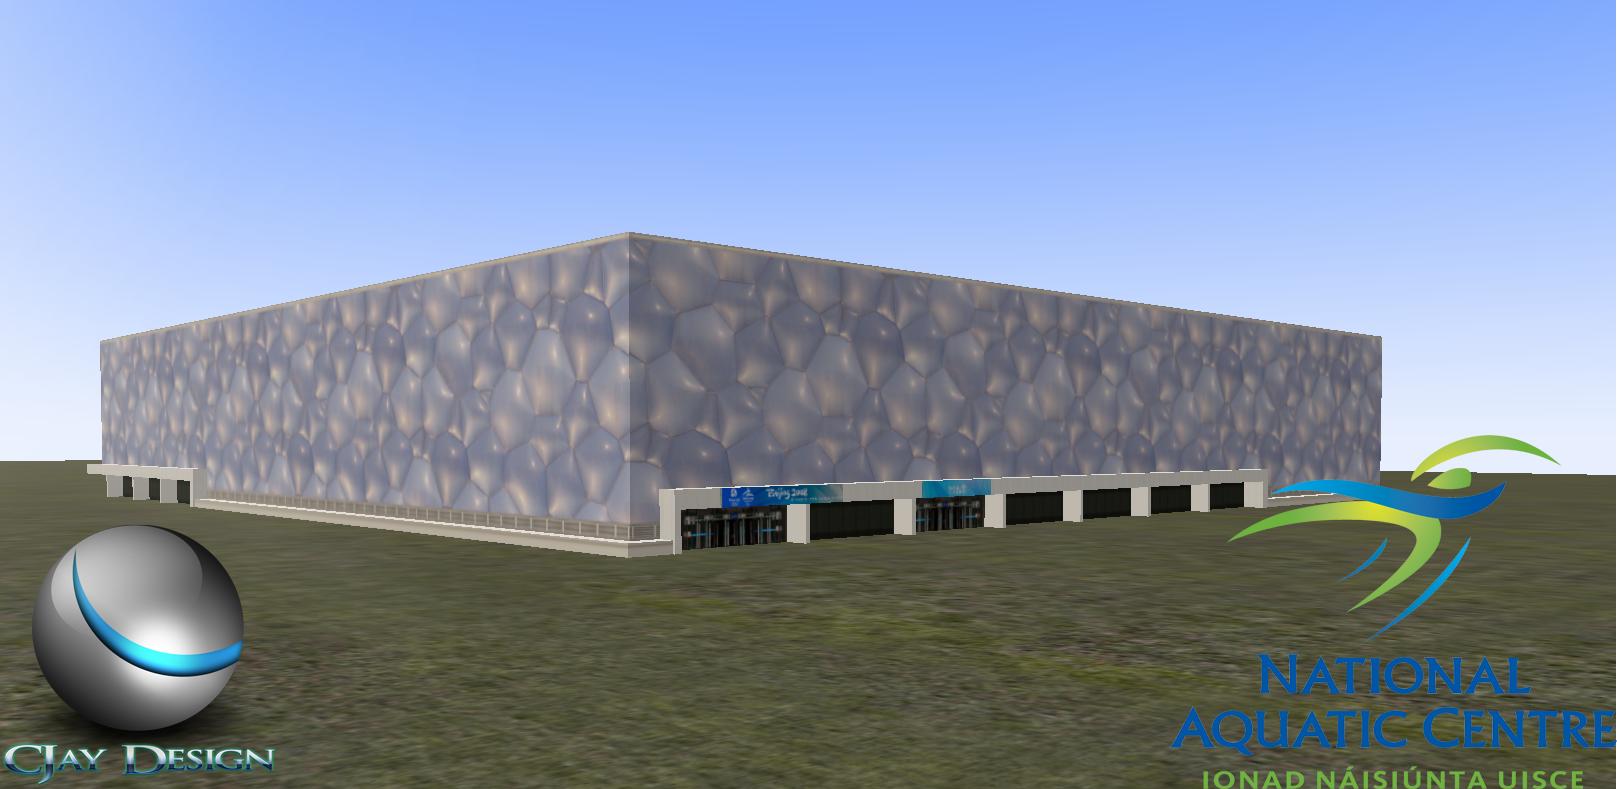 National Aquatics Center 7u5mtbux